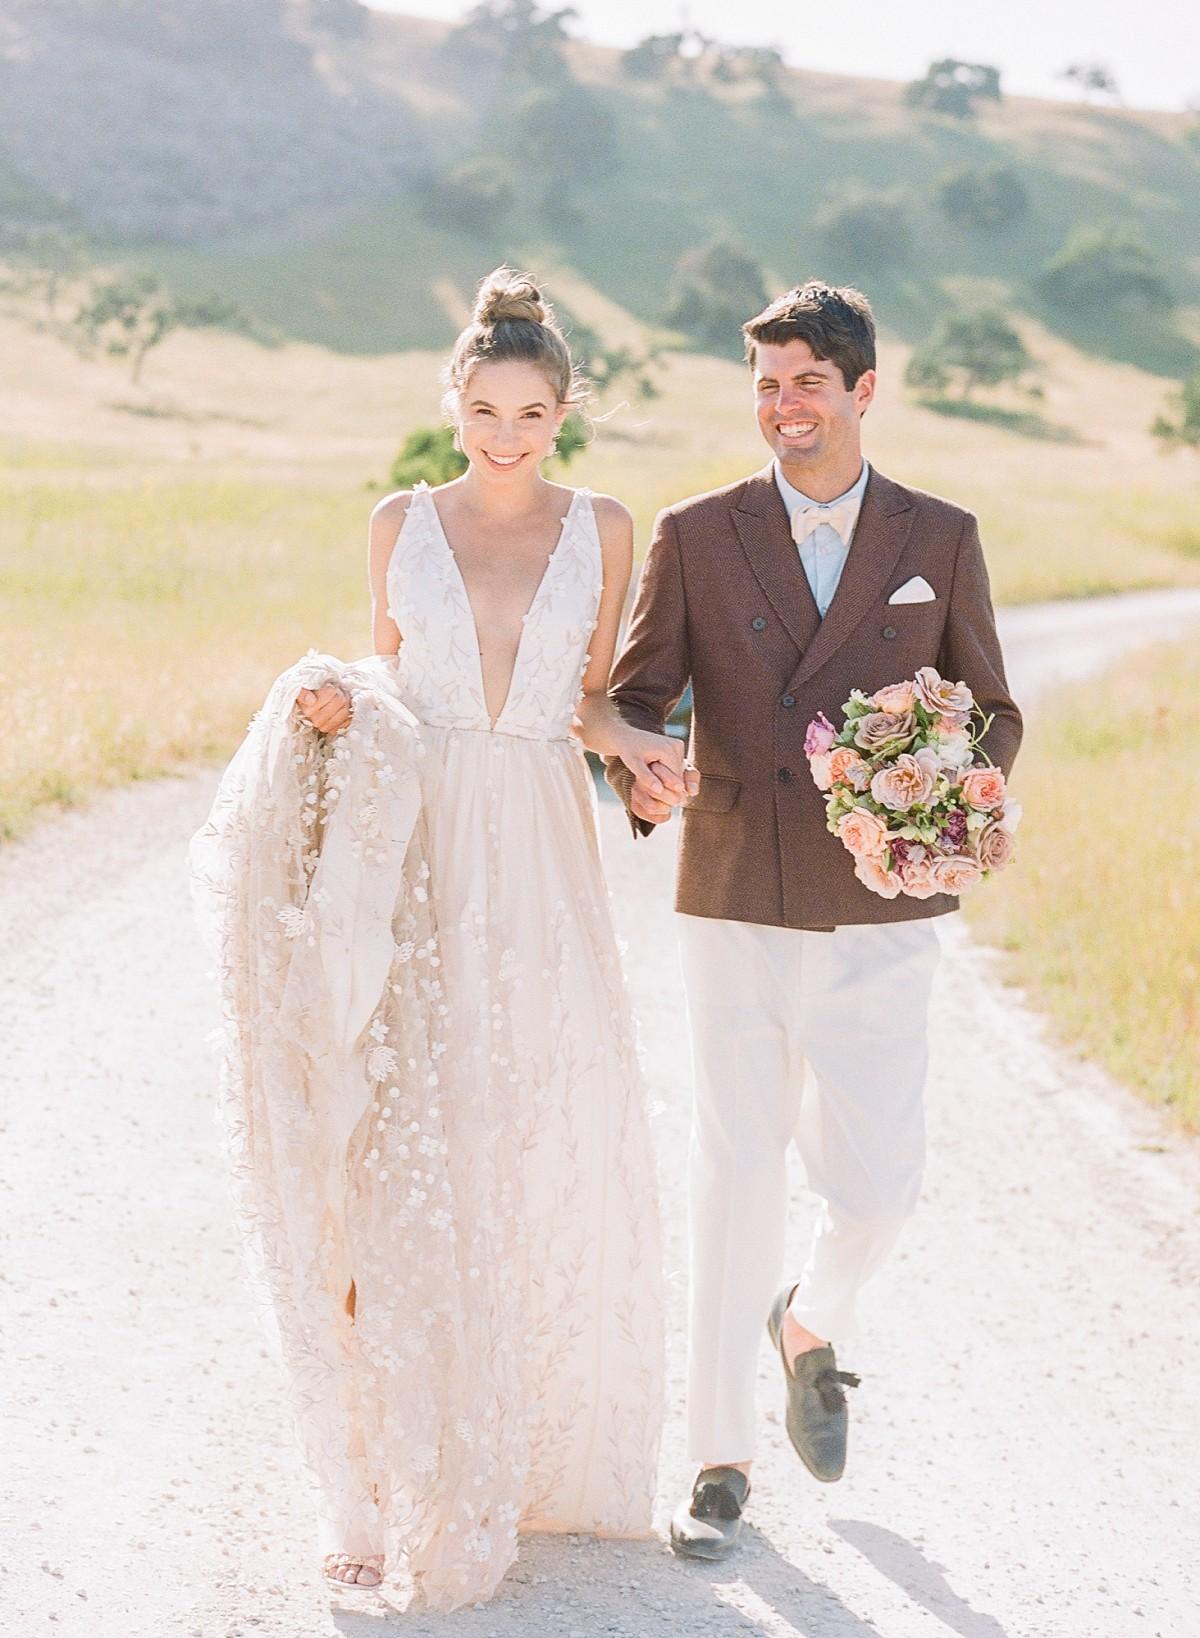 french style wedding - kestrel park wedding venue